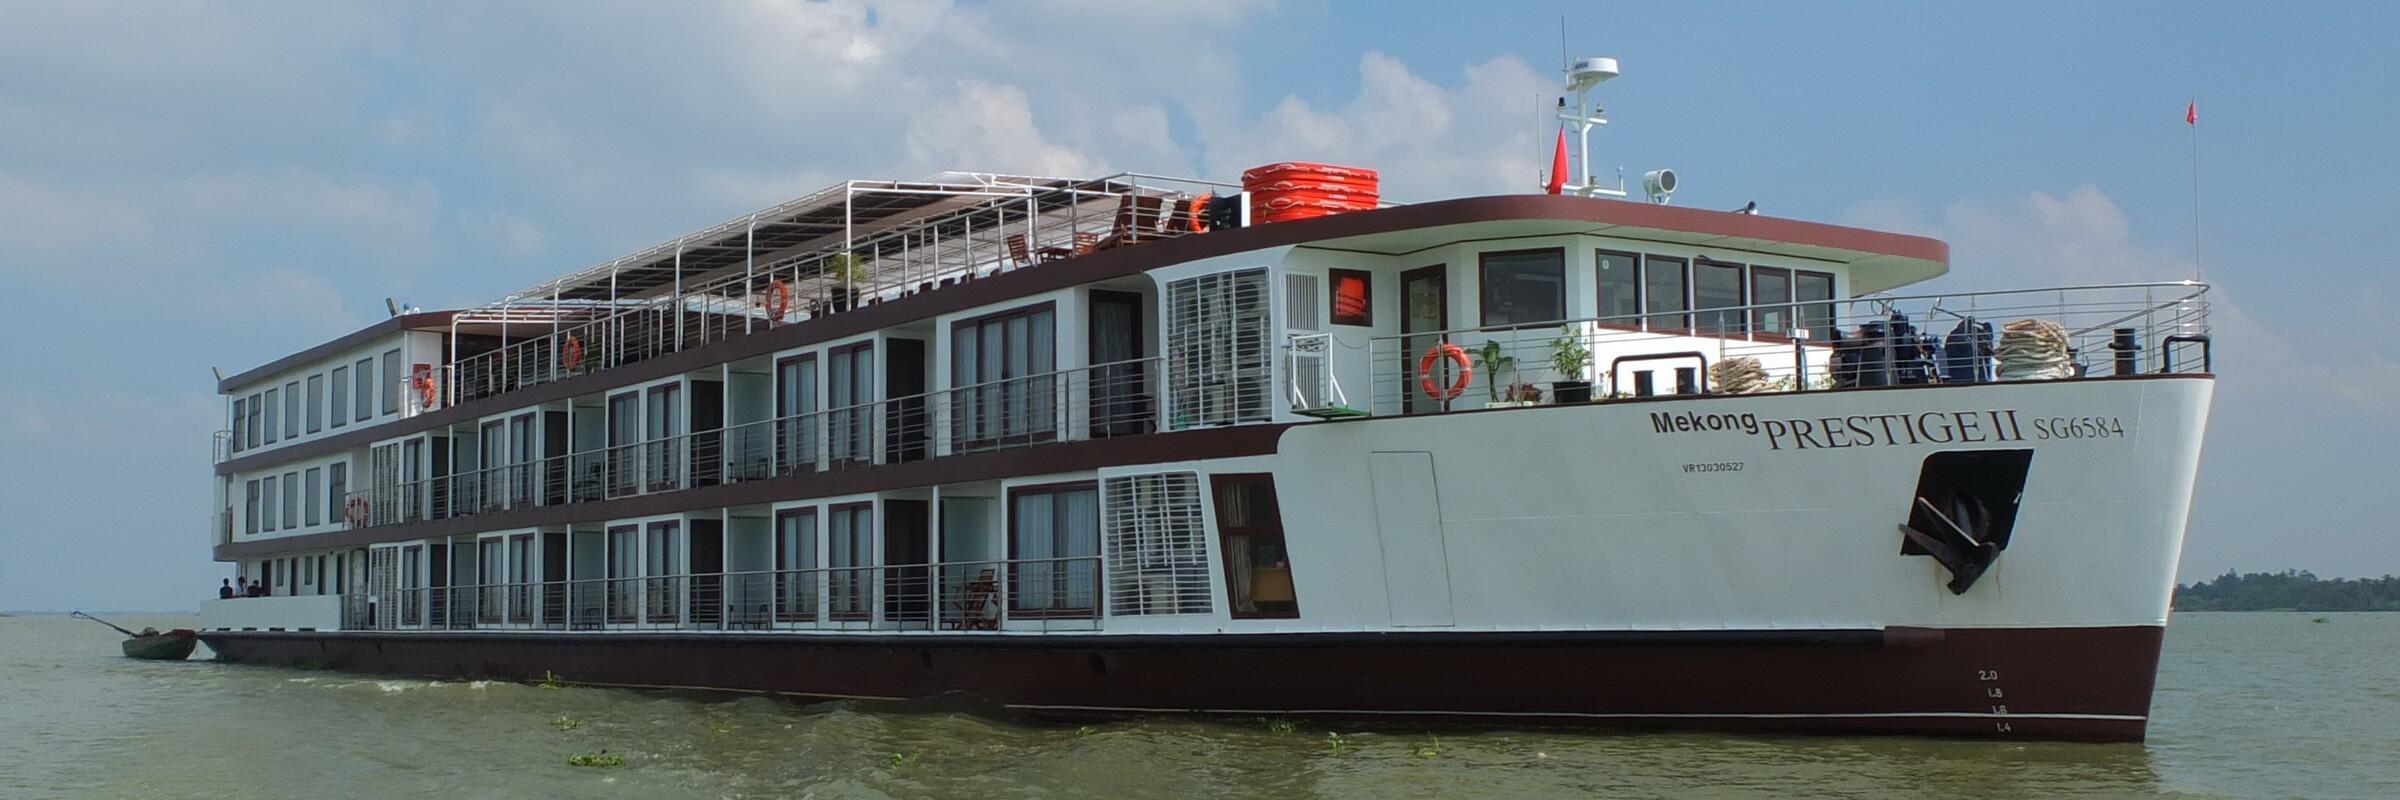 Die luxuriöse Mekong Prestige II fährt zwischen Kambodscha und Vietnam auf dem Mekong